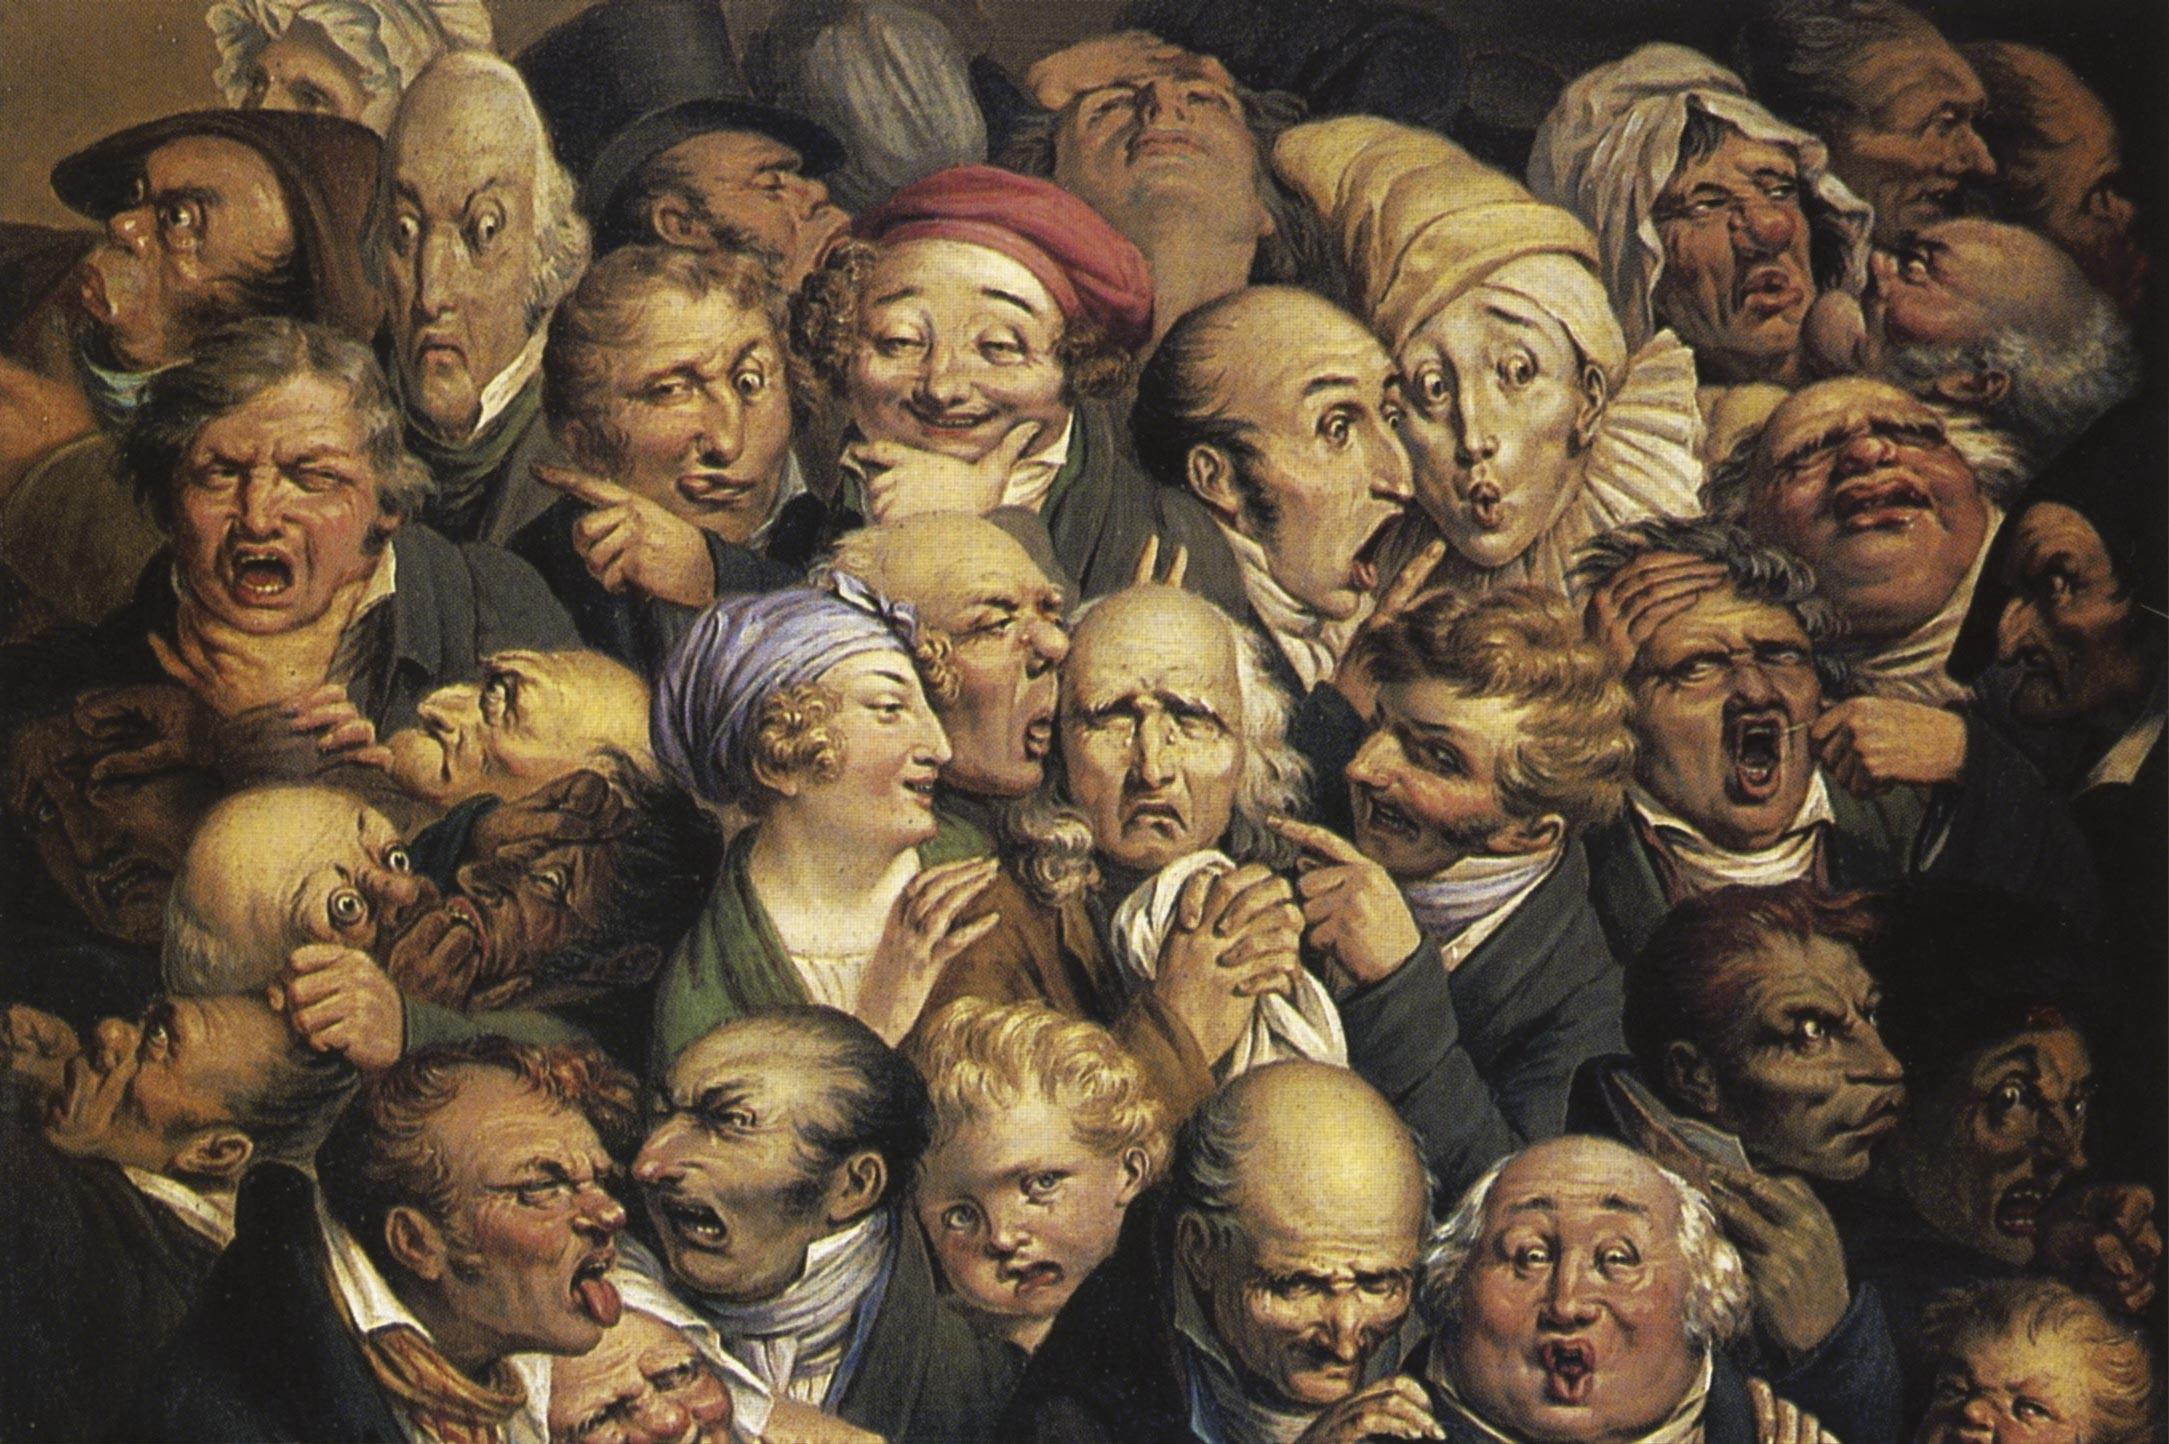 Réunion de trente-cinq têtes d'expression